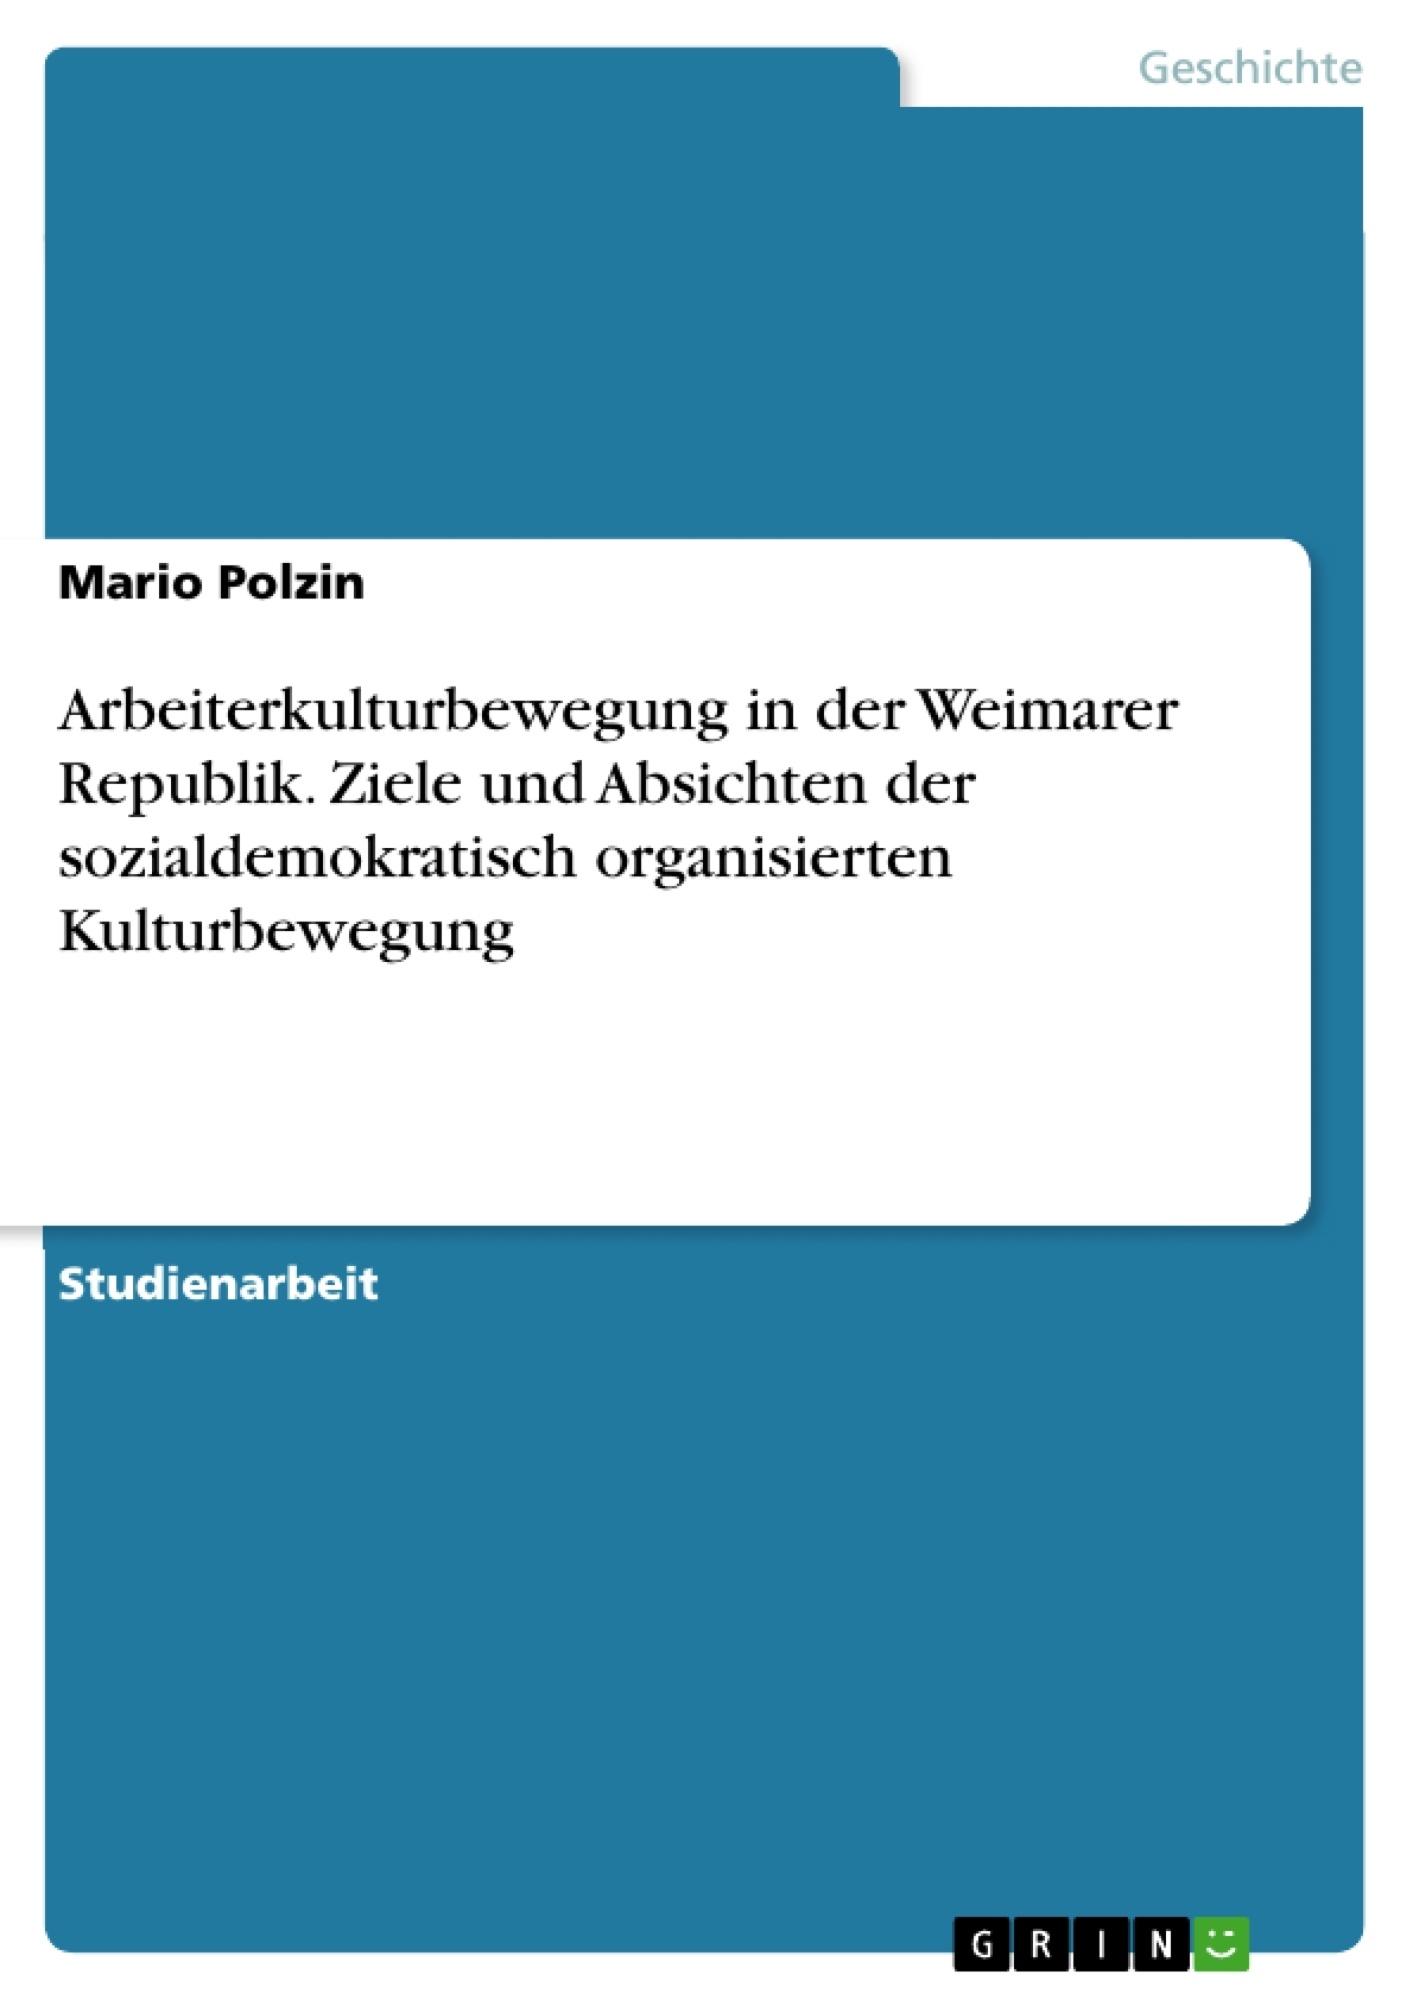 Titel: Arbeiterkulturbewegung in der Weimarer Republik. Ziele und Absichten der sozialdemokratisch organisierten Kulturbewegung